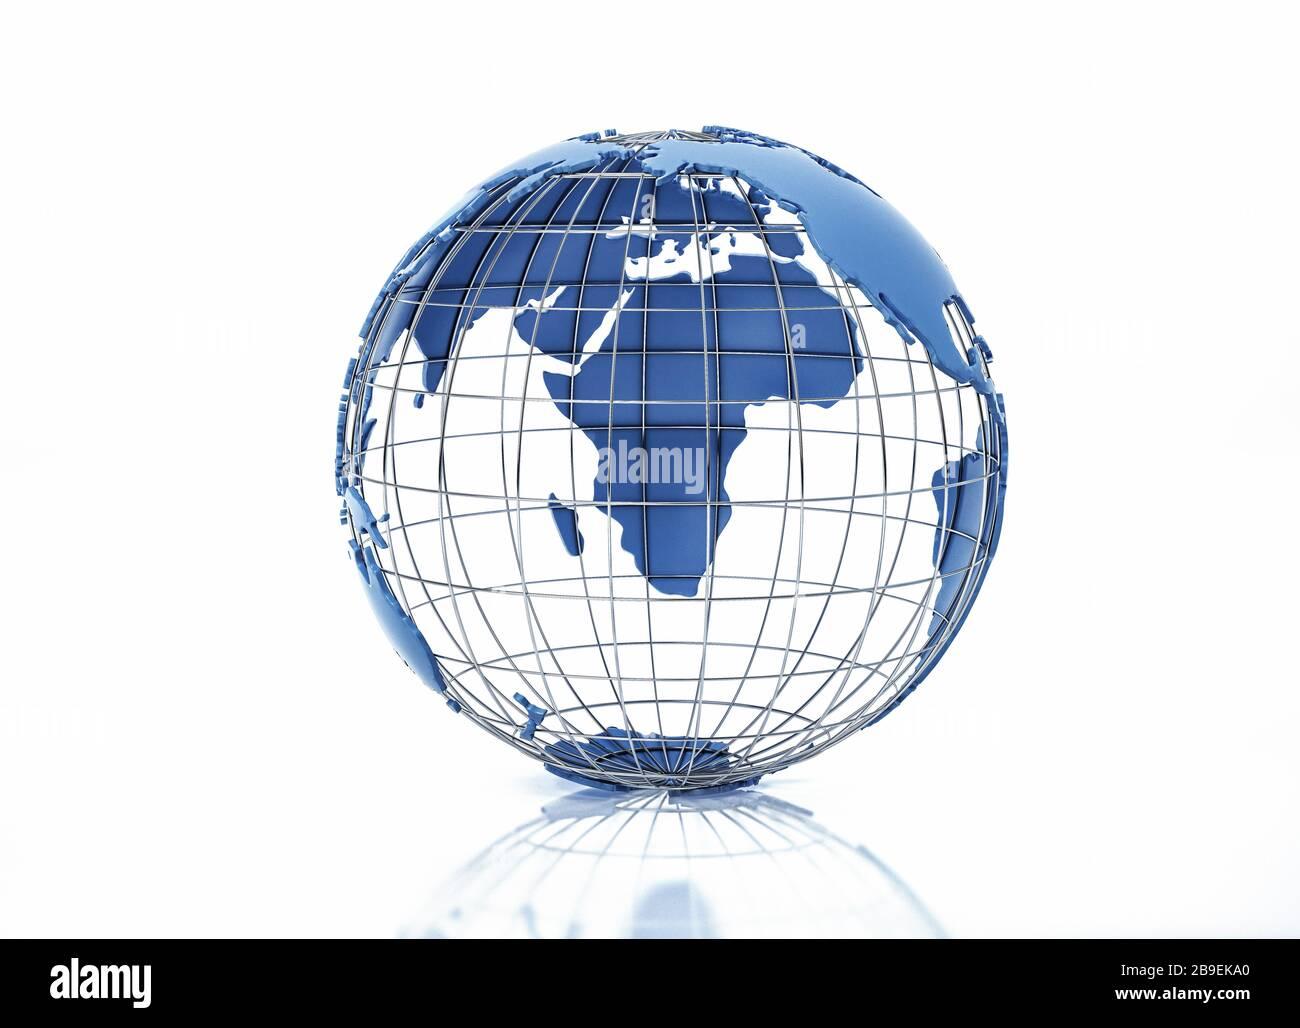 Globe terrestre stylisé en relief avec grille métallique, vue sur l'océan Pacifique. Banque D'Images